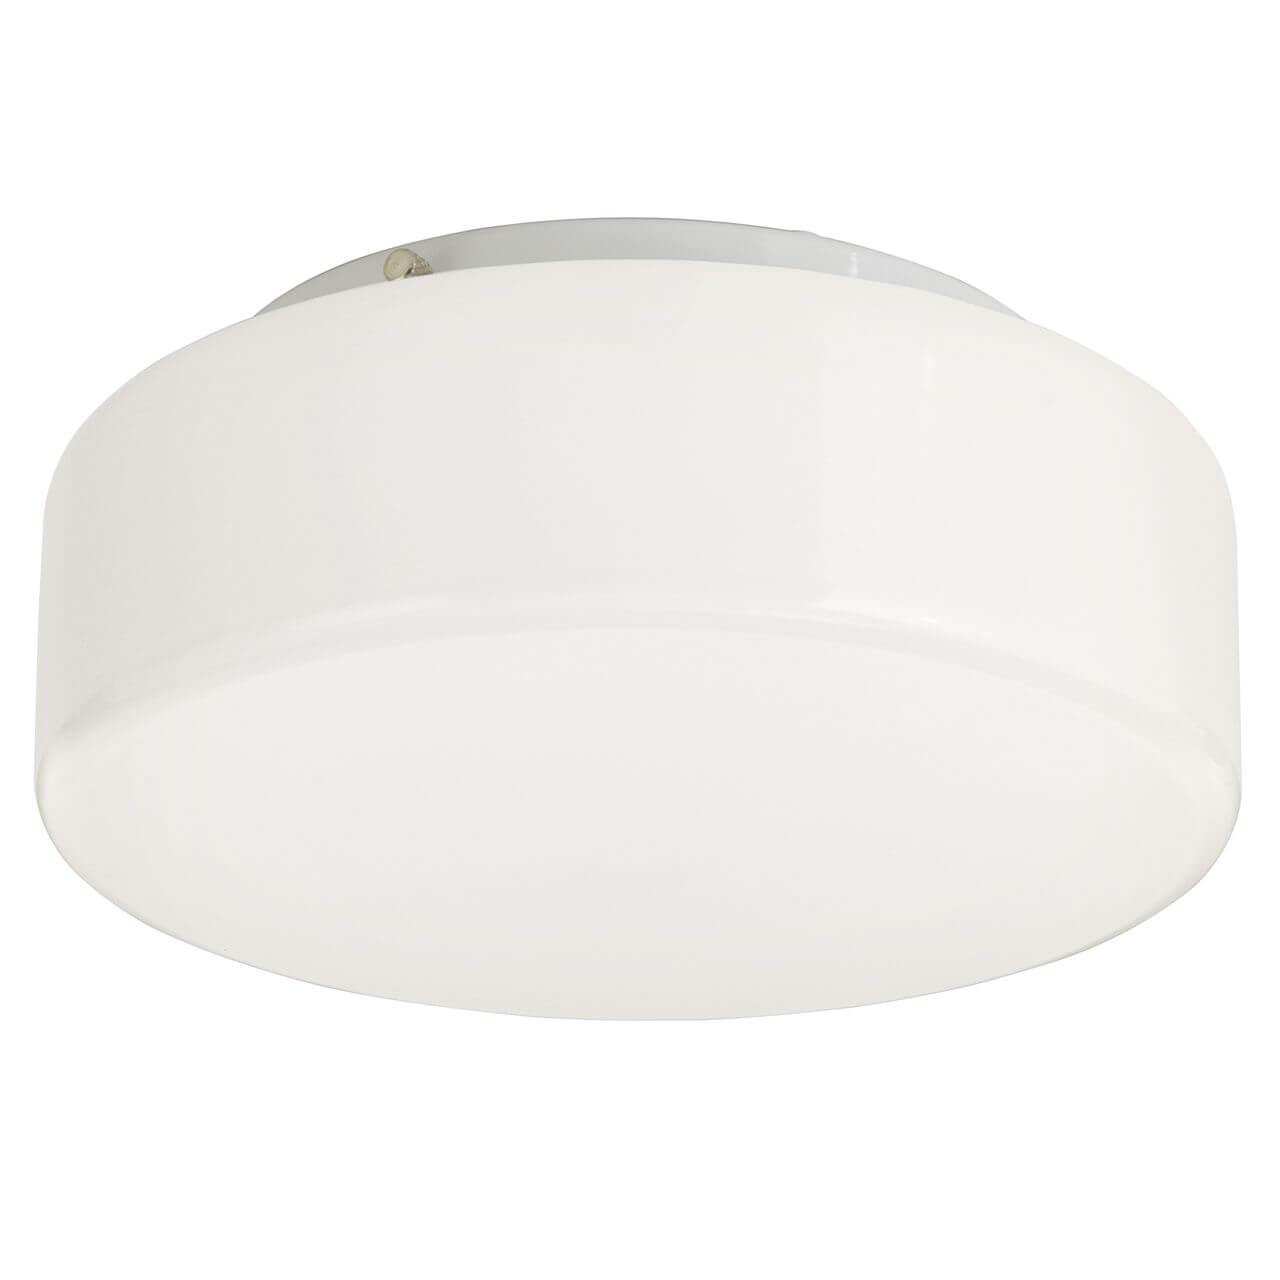 Настенно-потолочный светильник Eglo 27881, белый eglo 95175